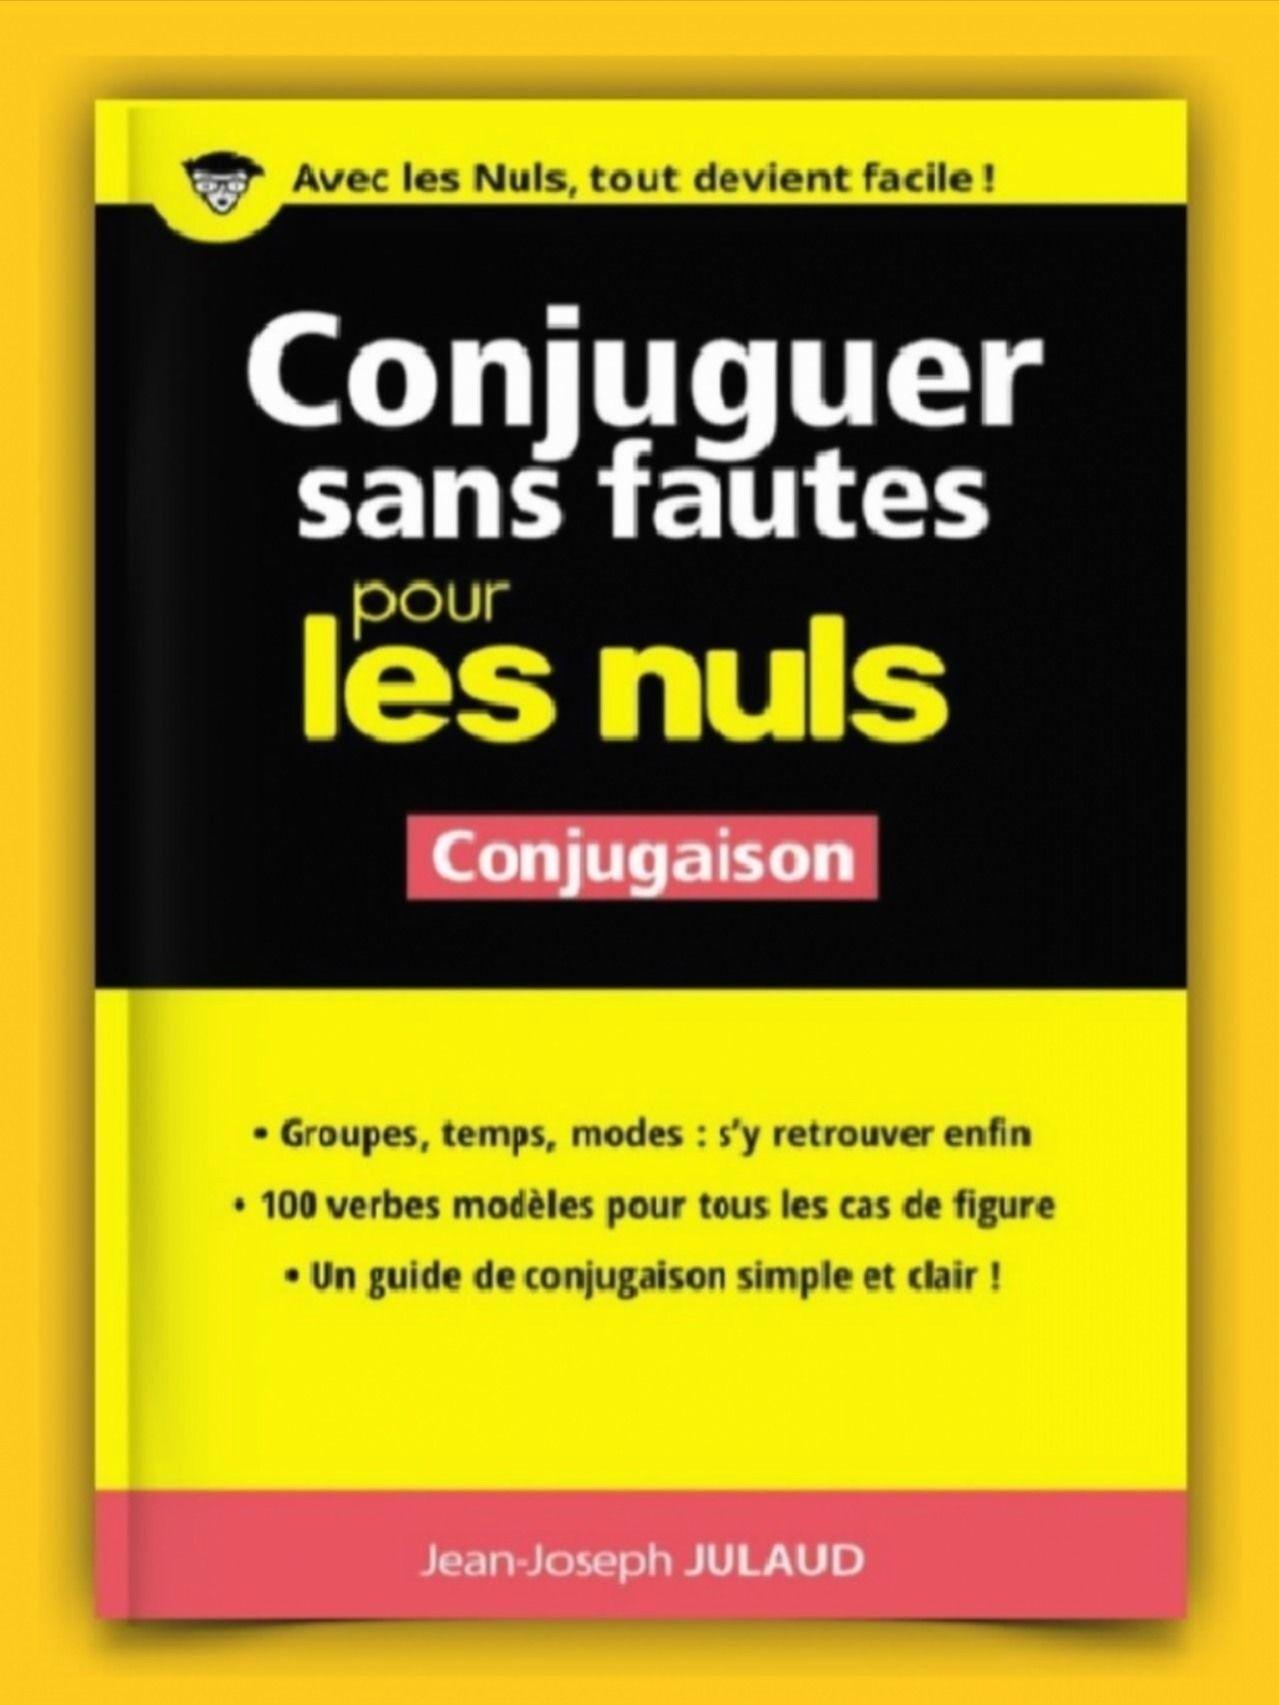 Psychologie Pour Les Nuls Pdf : psychologie, Conjuguer, Fautes, French, Vocabulary,, Grammar,, Vocabulary